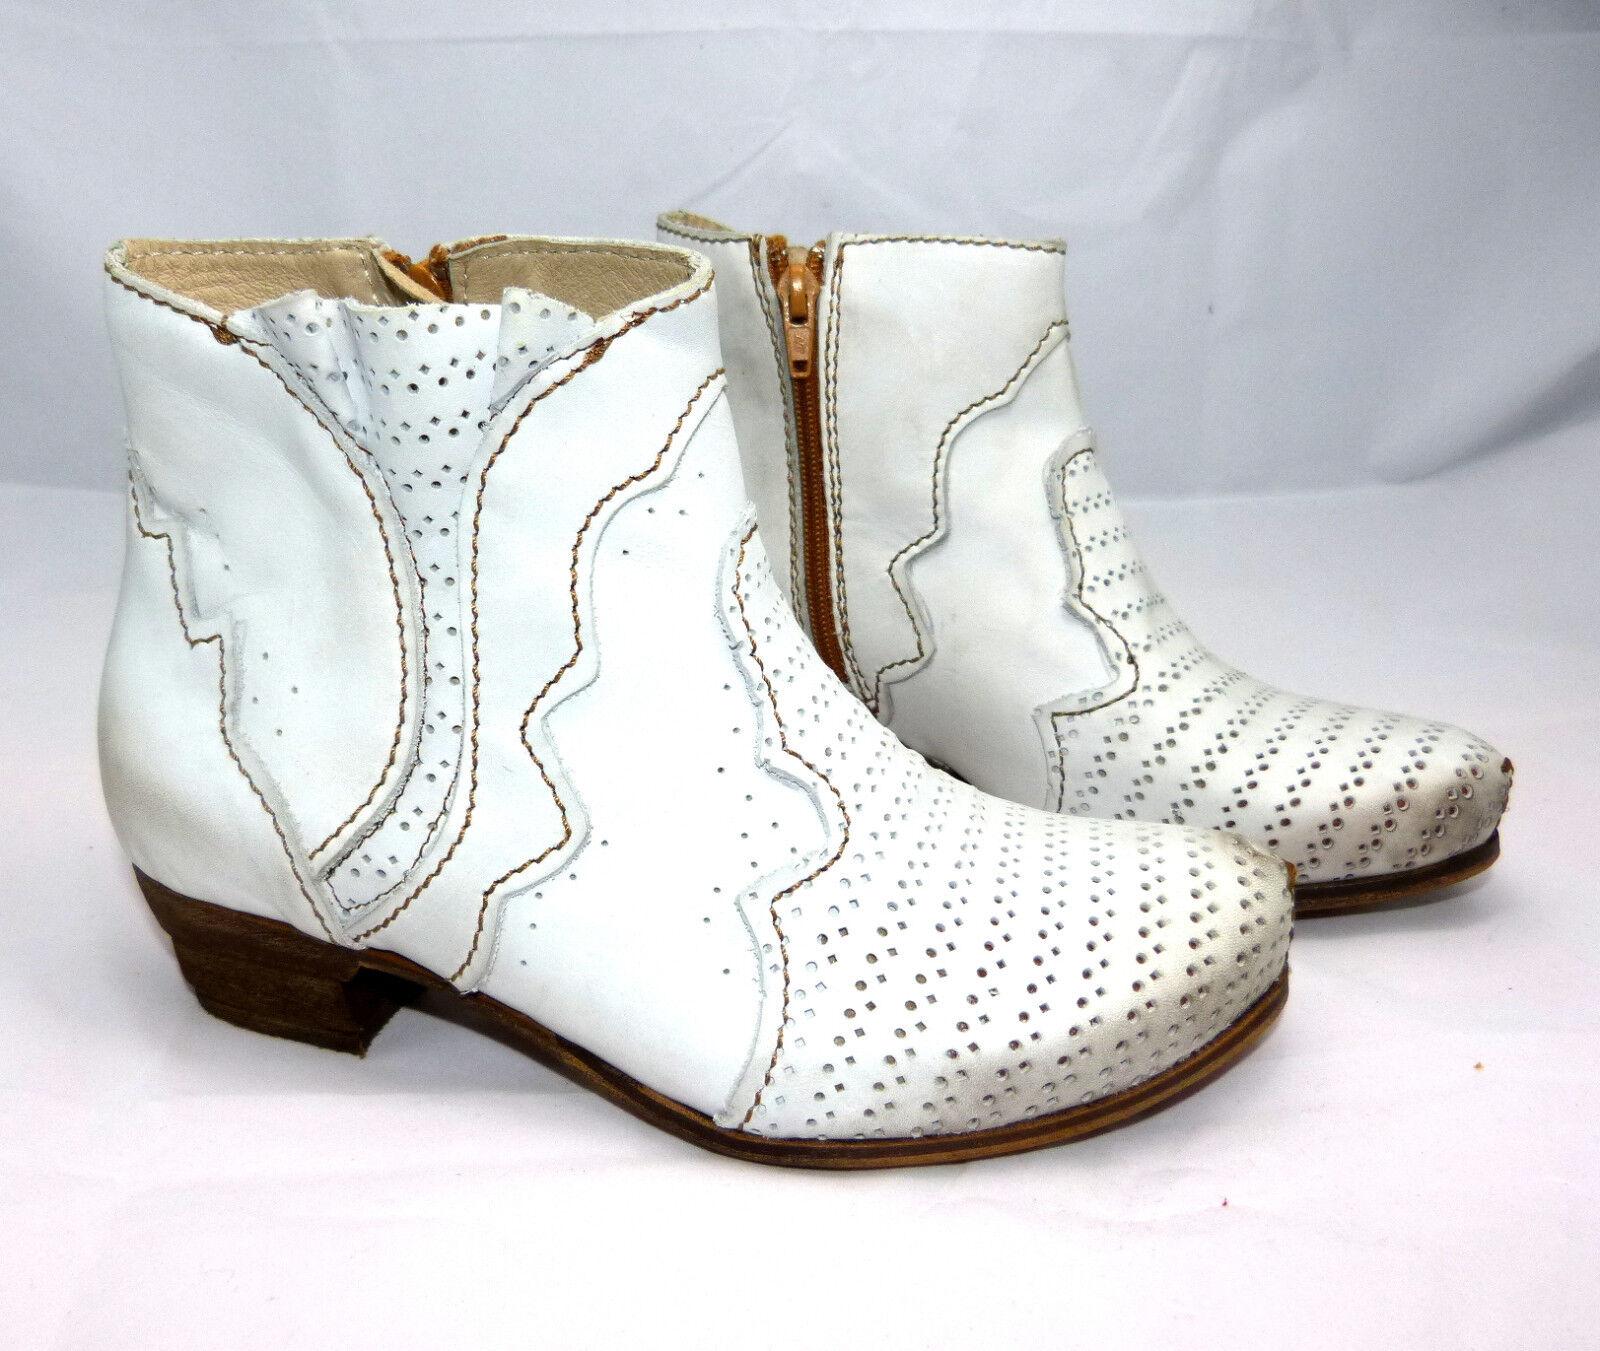 Rovers Damen Stiefelette Gr. 39 weiß nieve Stiefel Leder neu ( bisher 184,90 )